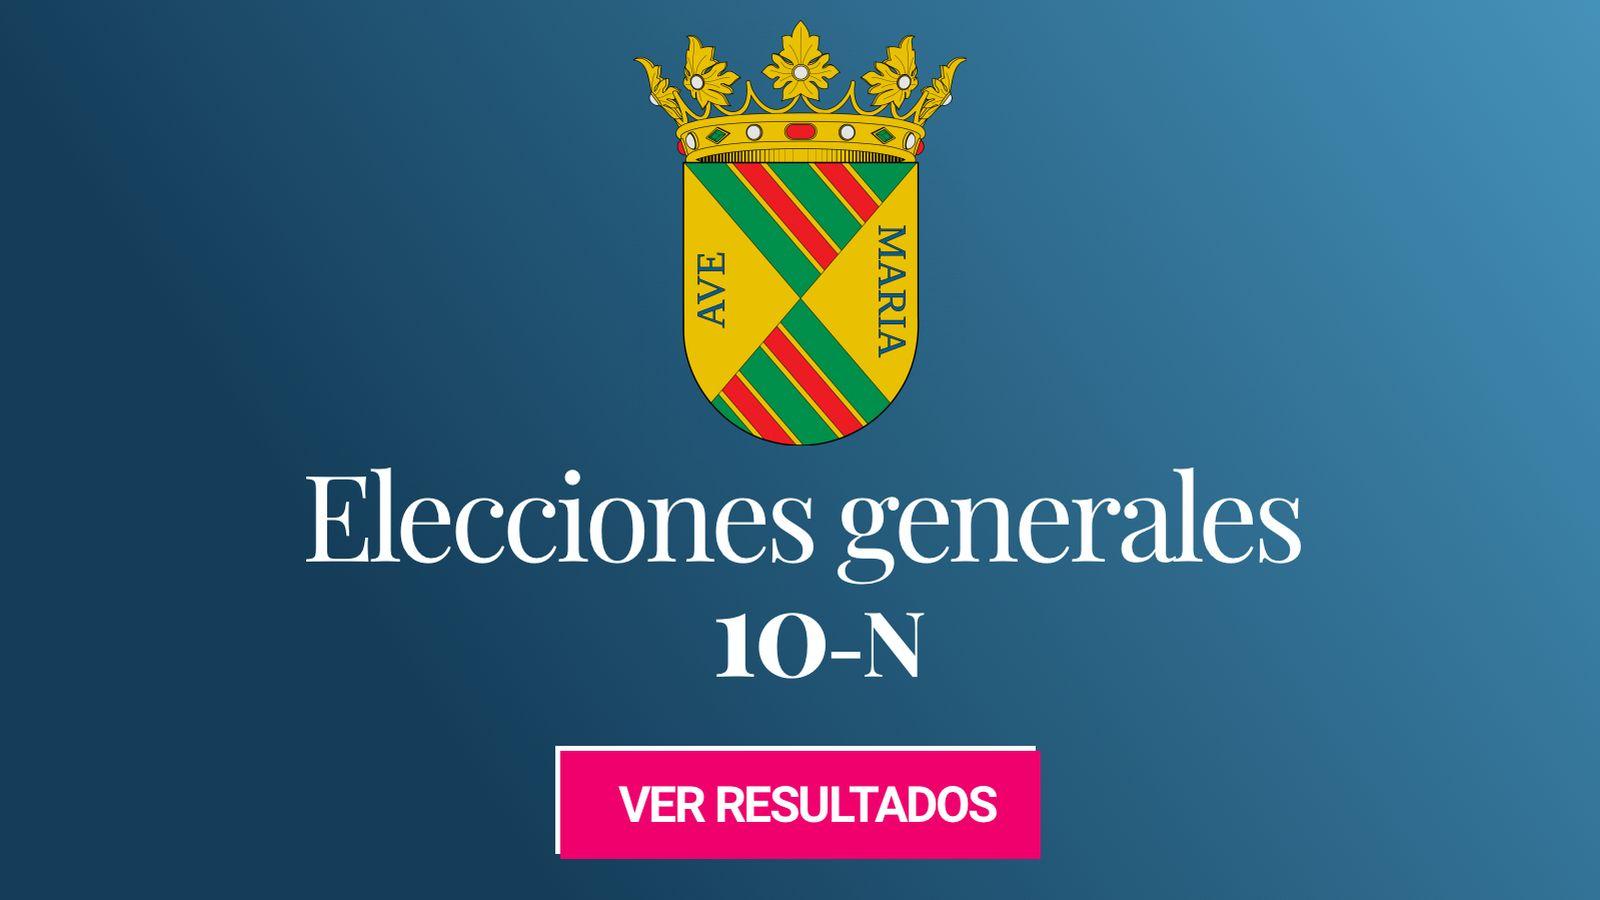 Foto: Elecciones generales 2019 en Torrelavega. (C.C./EC)